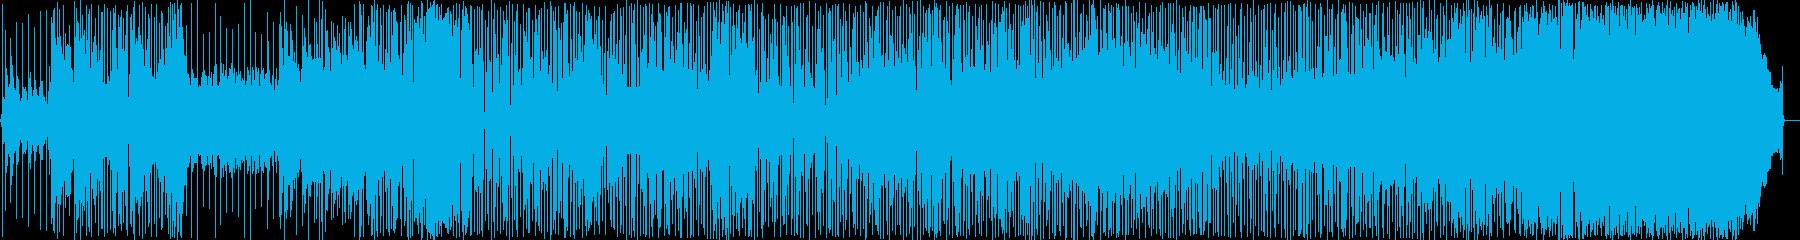 オルガンとホーンが光るソウルジャズの再生済みの波形